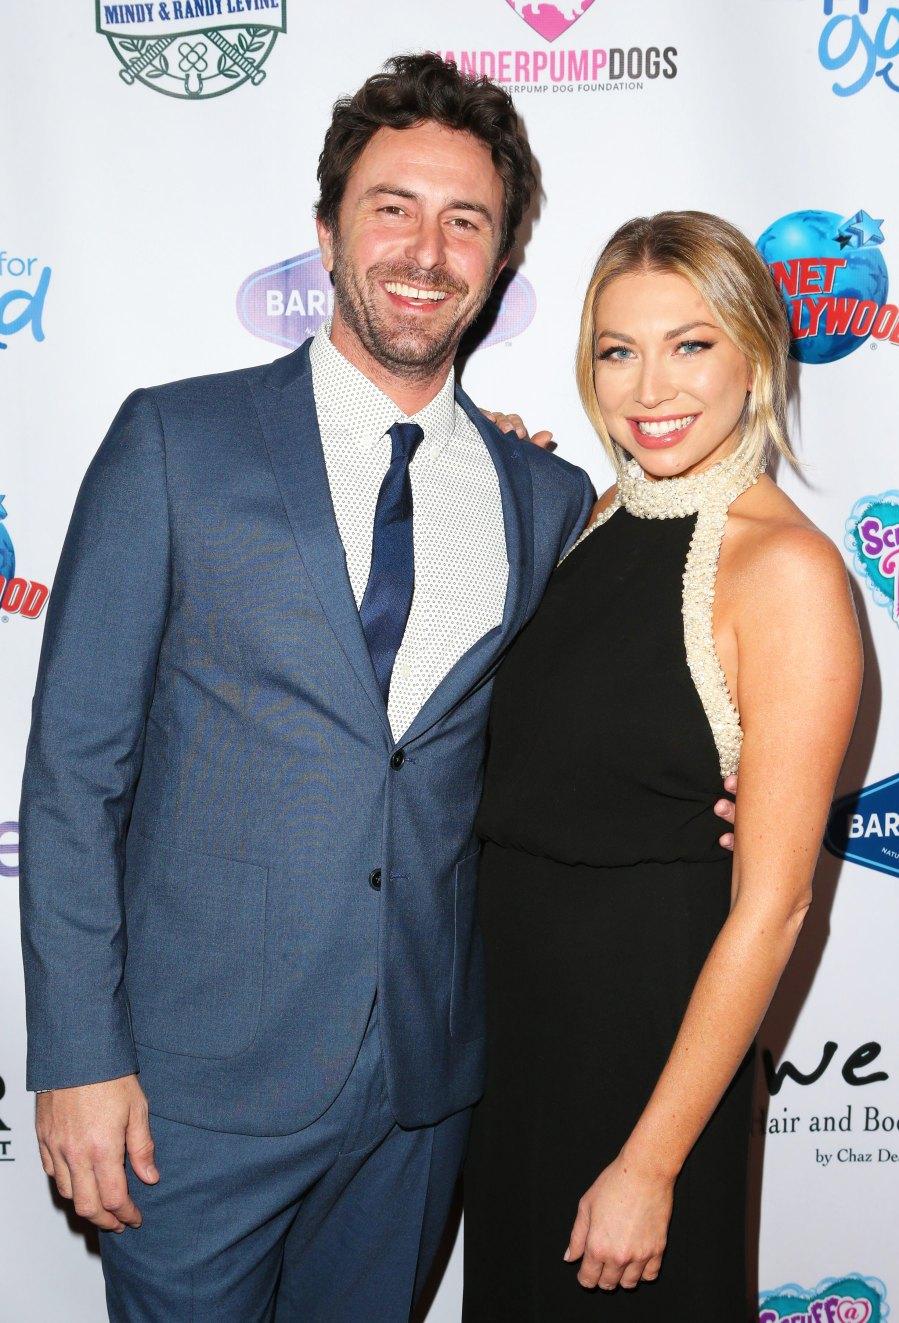 Vanderpump Rules Stars Stassi Schroeder and Beau Clarks Relationship Timeline